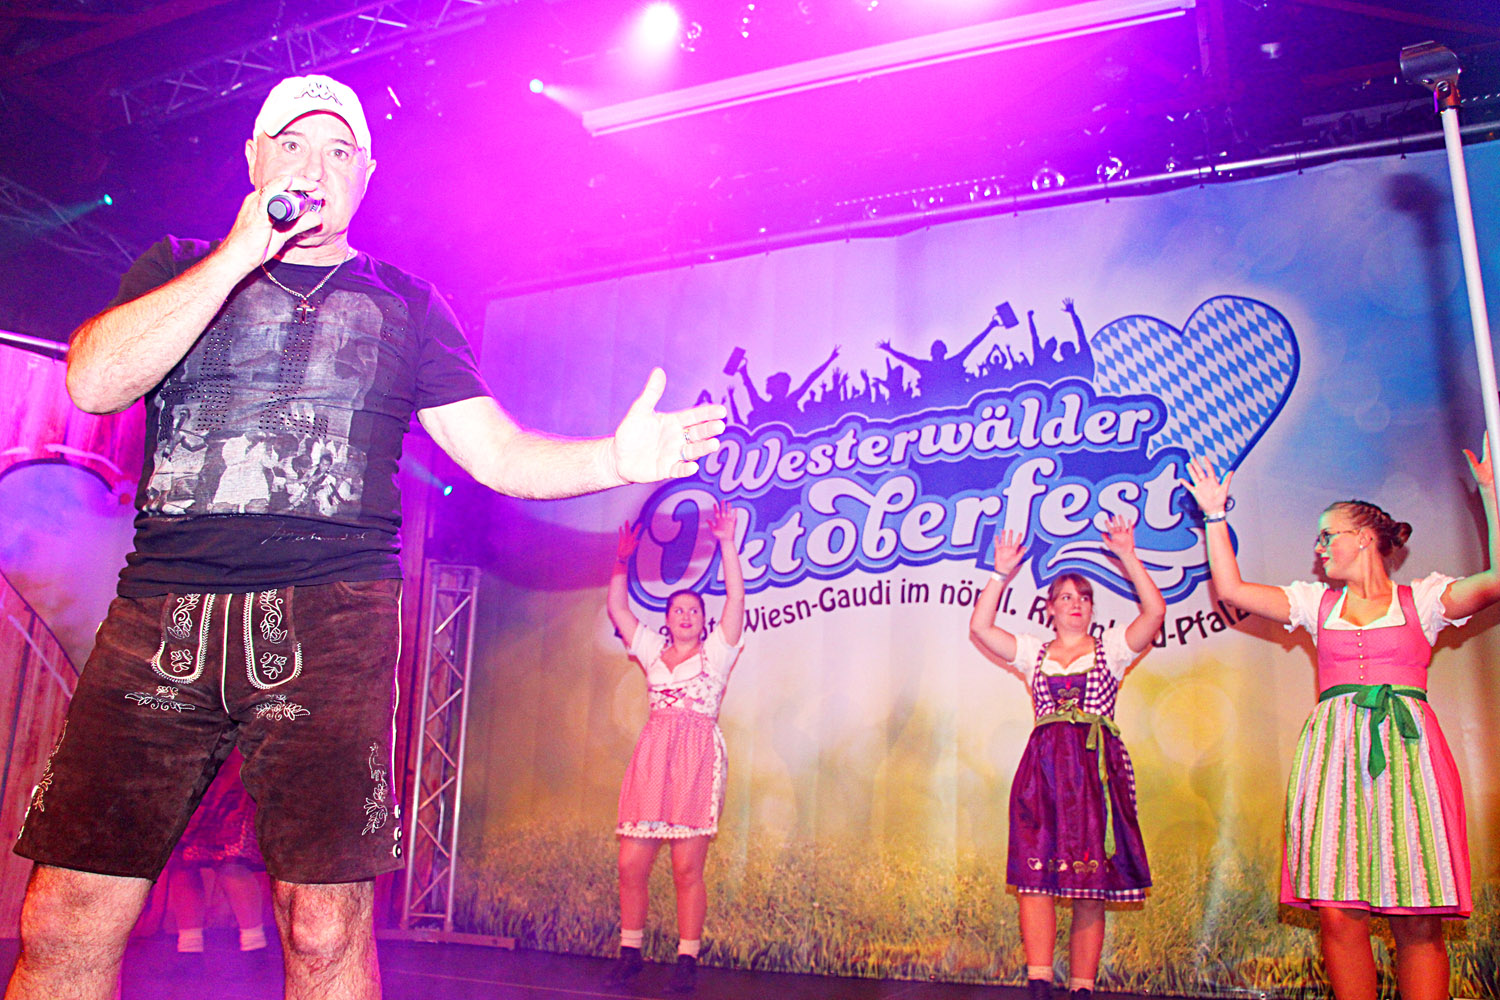 2016-10-08_westerwaelder-oktoberfest_kulurwerk_wissen170